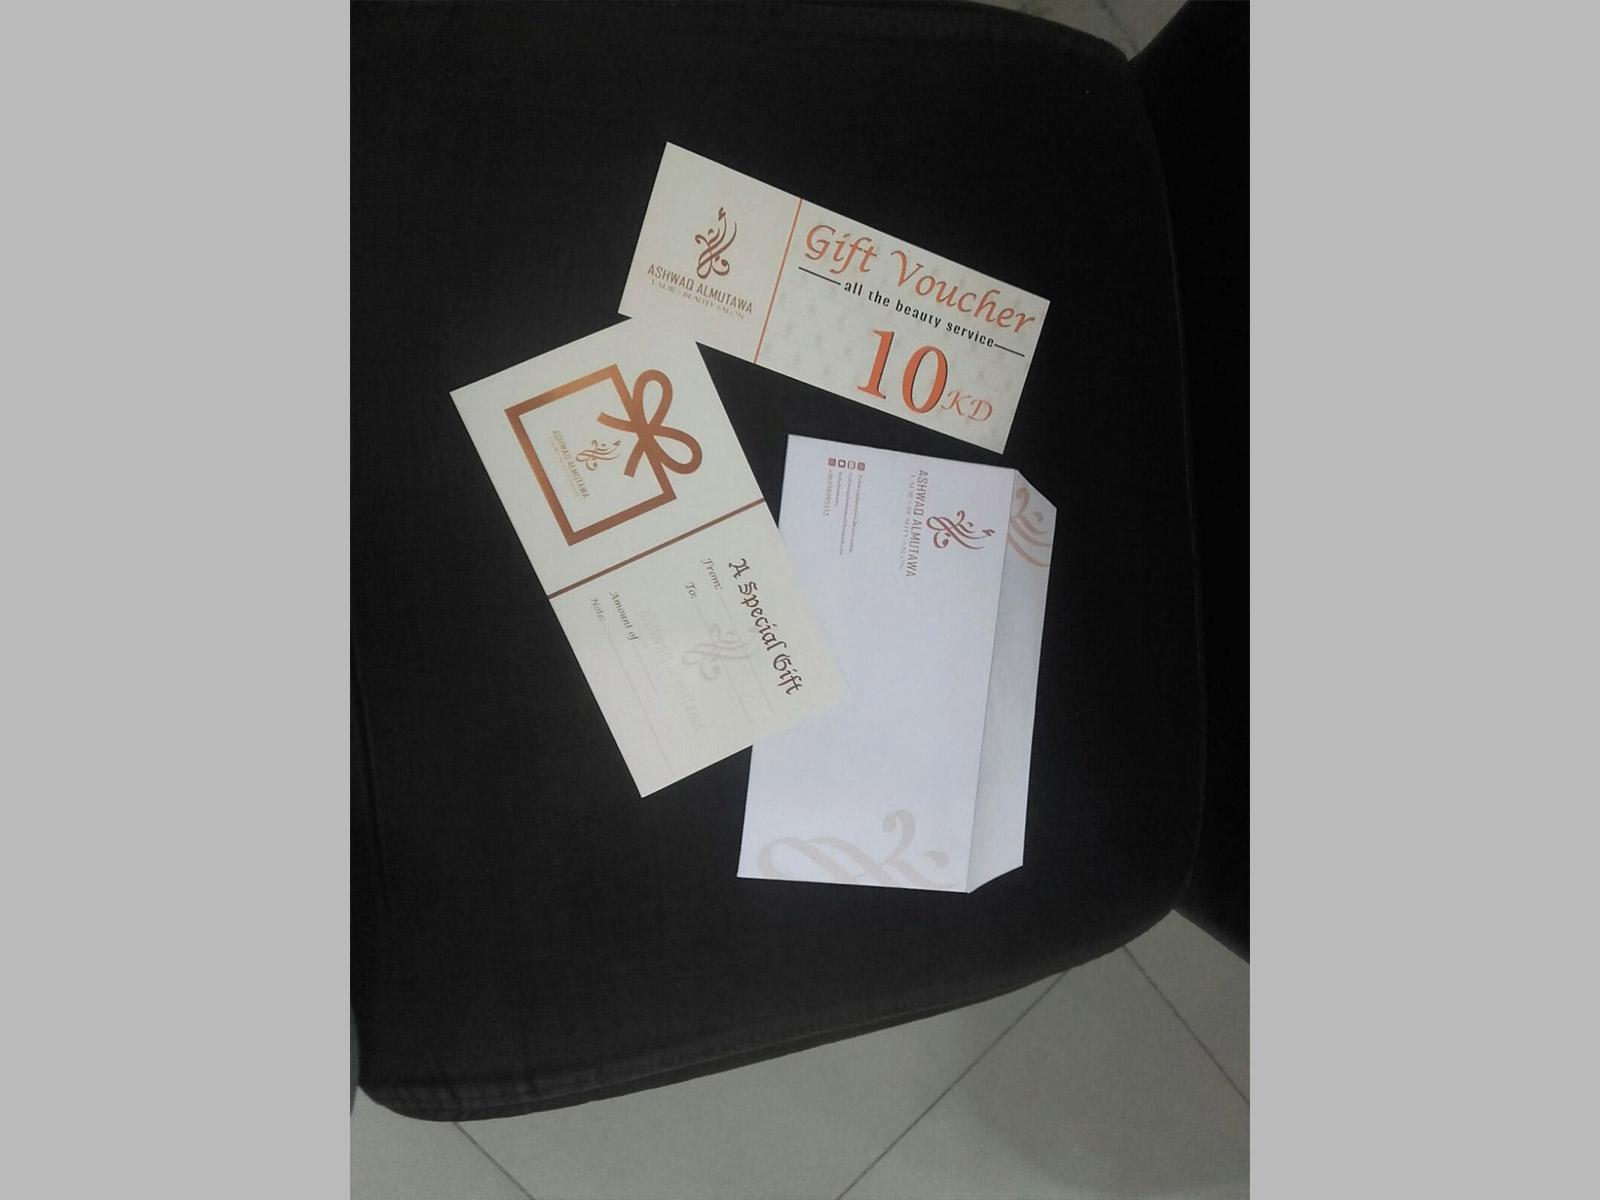 inkservice-ourwork-gift-kuwait